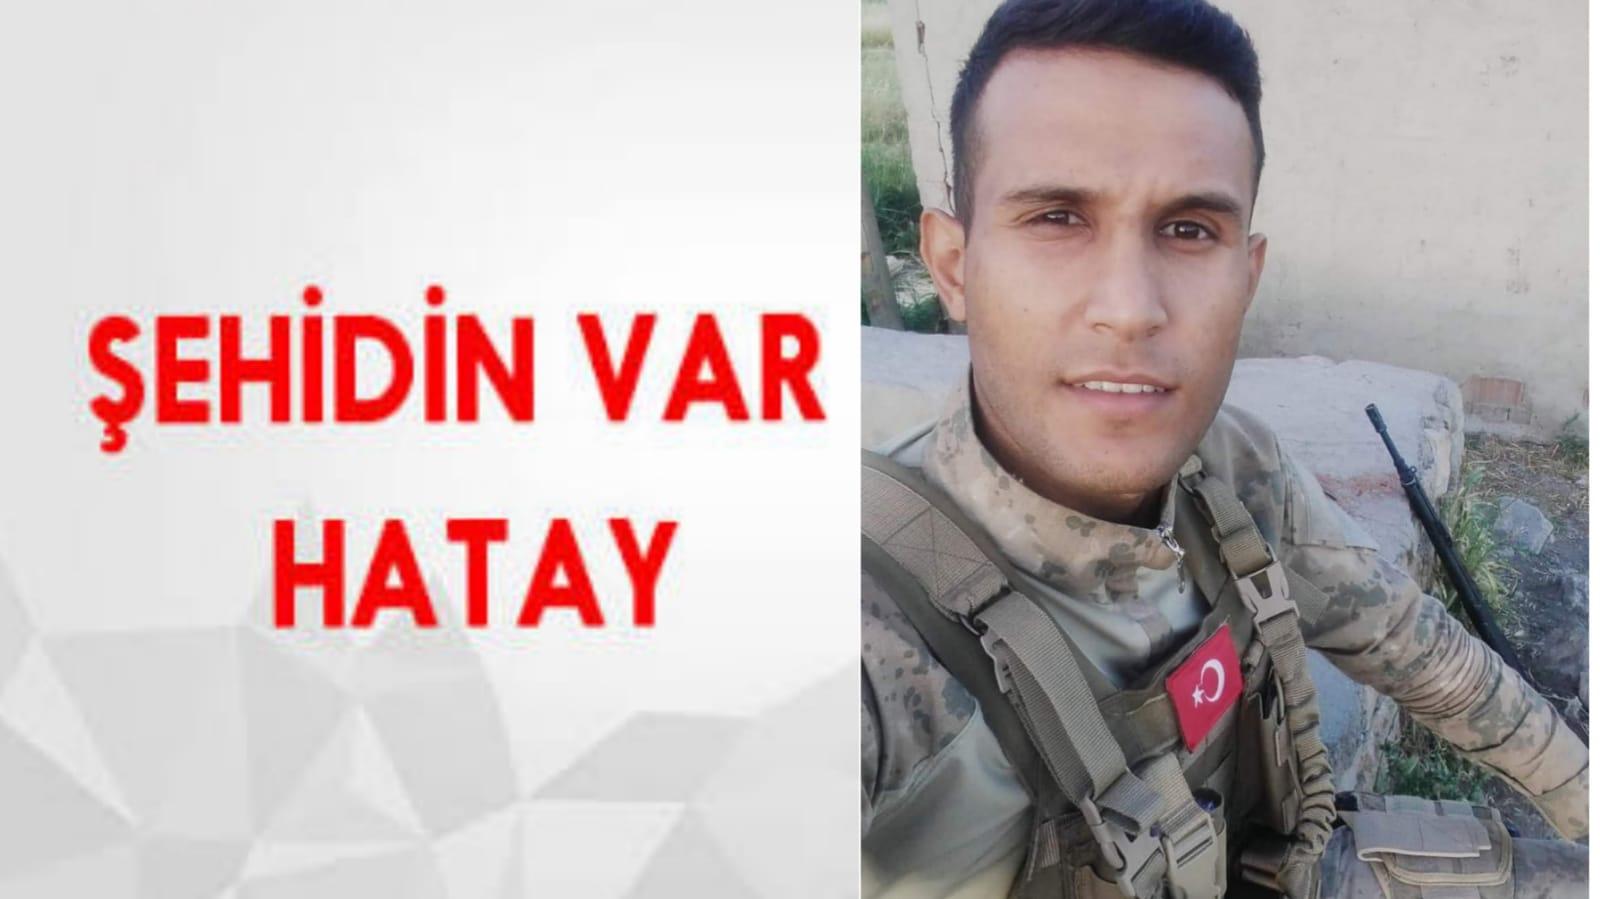 ŞEHİDİN VAR HATAY !!!